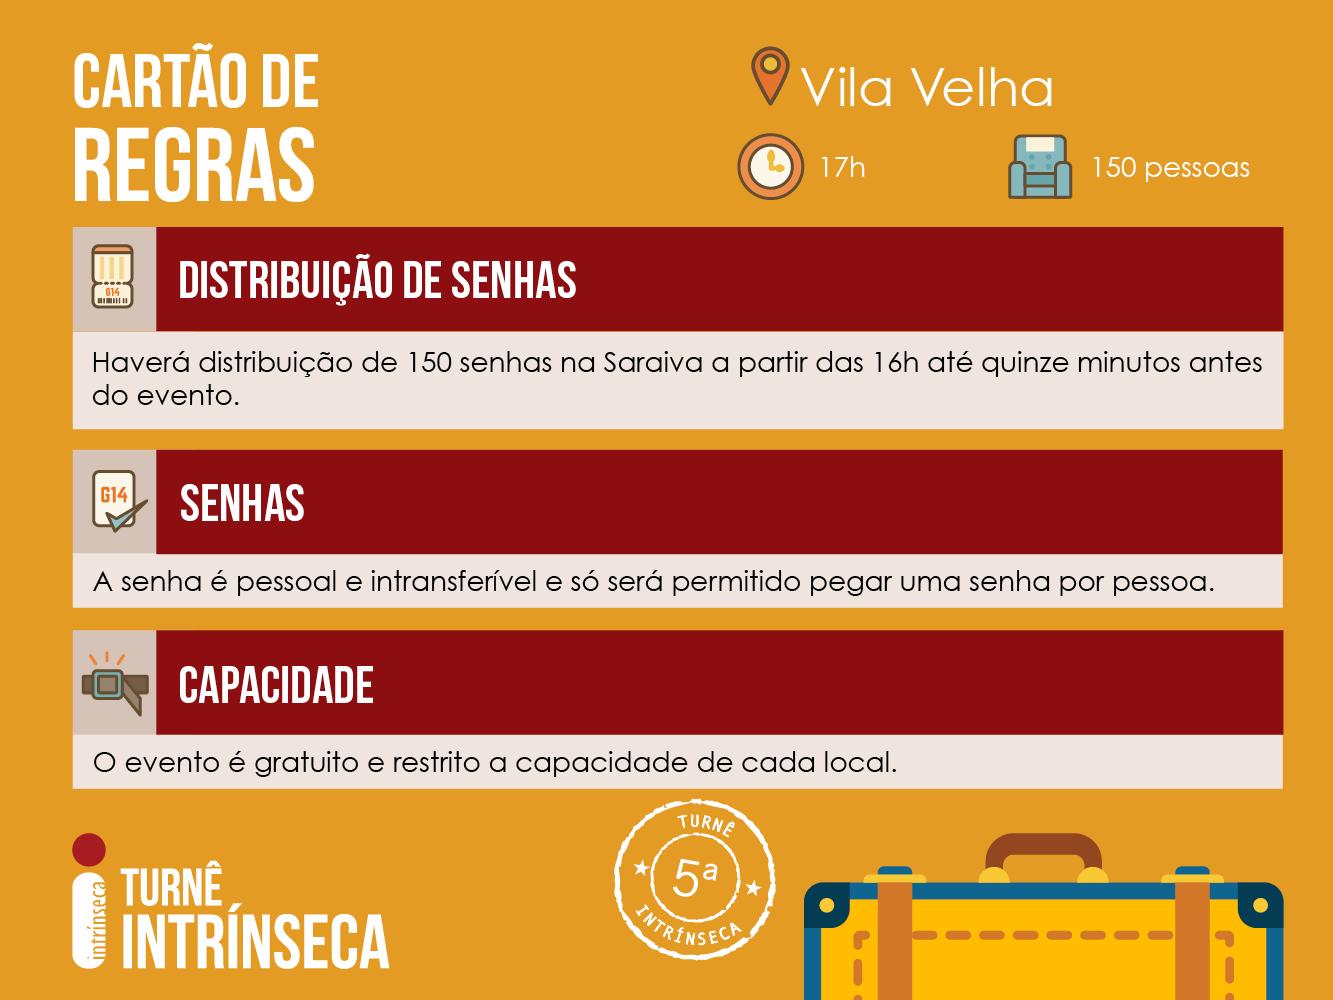 Regras_5aTurne_Vila Velha